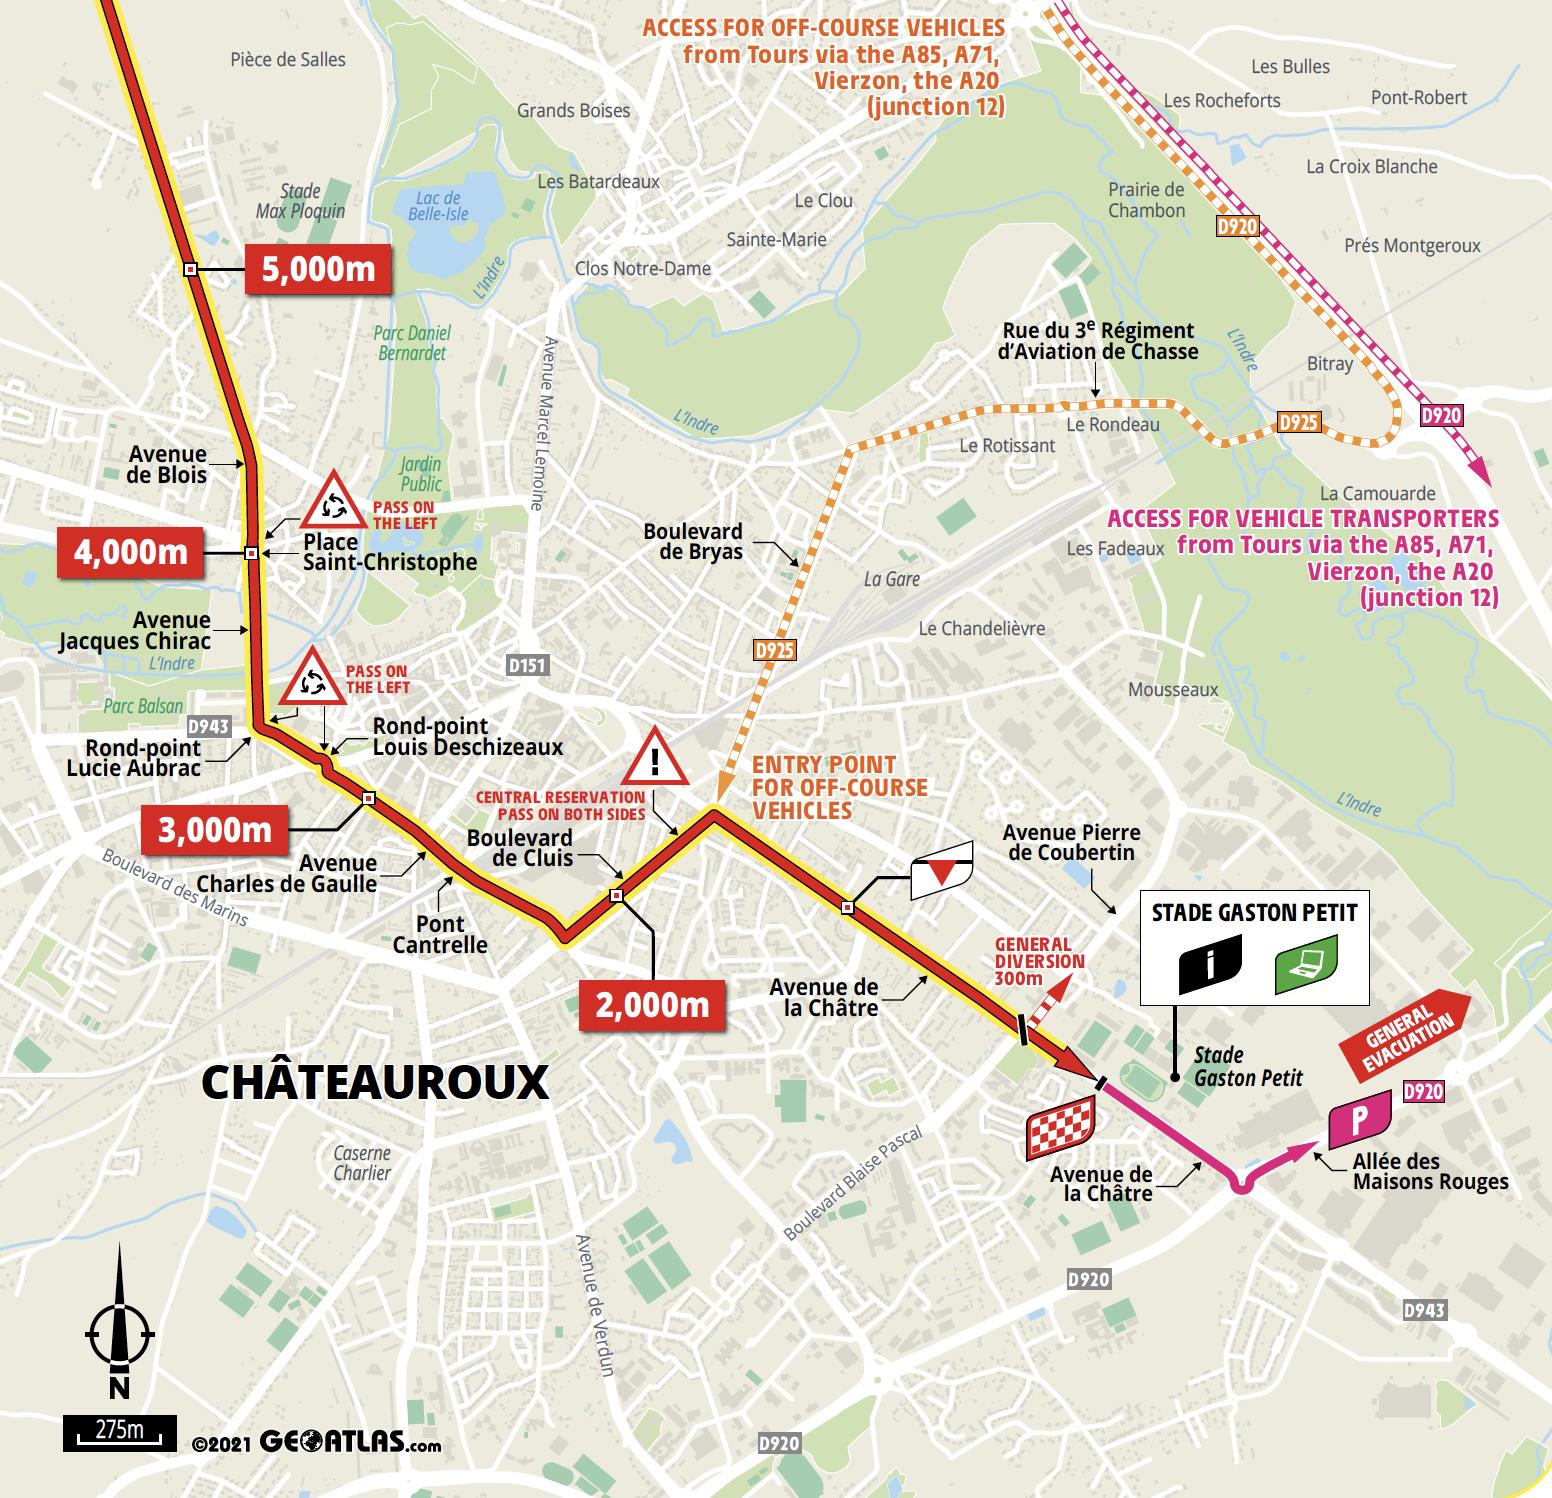 Tour de France 2021 stage 6 last km map